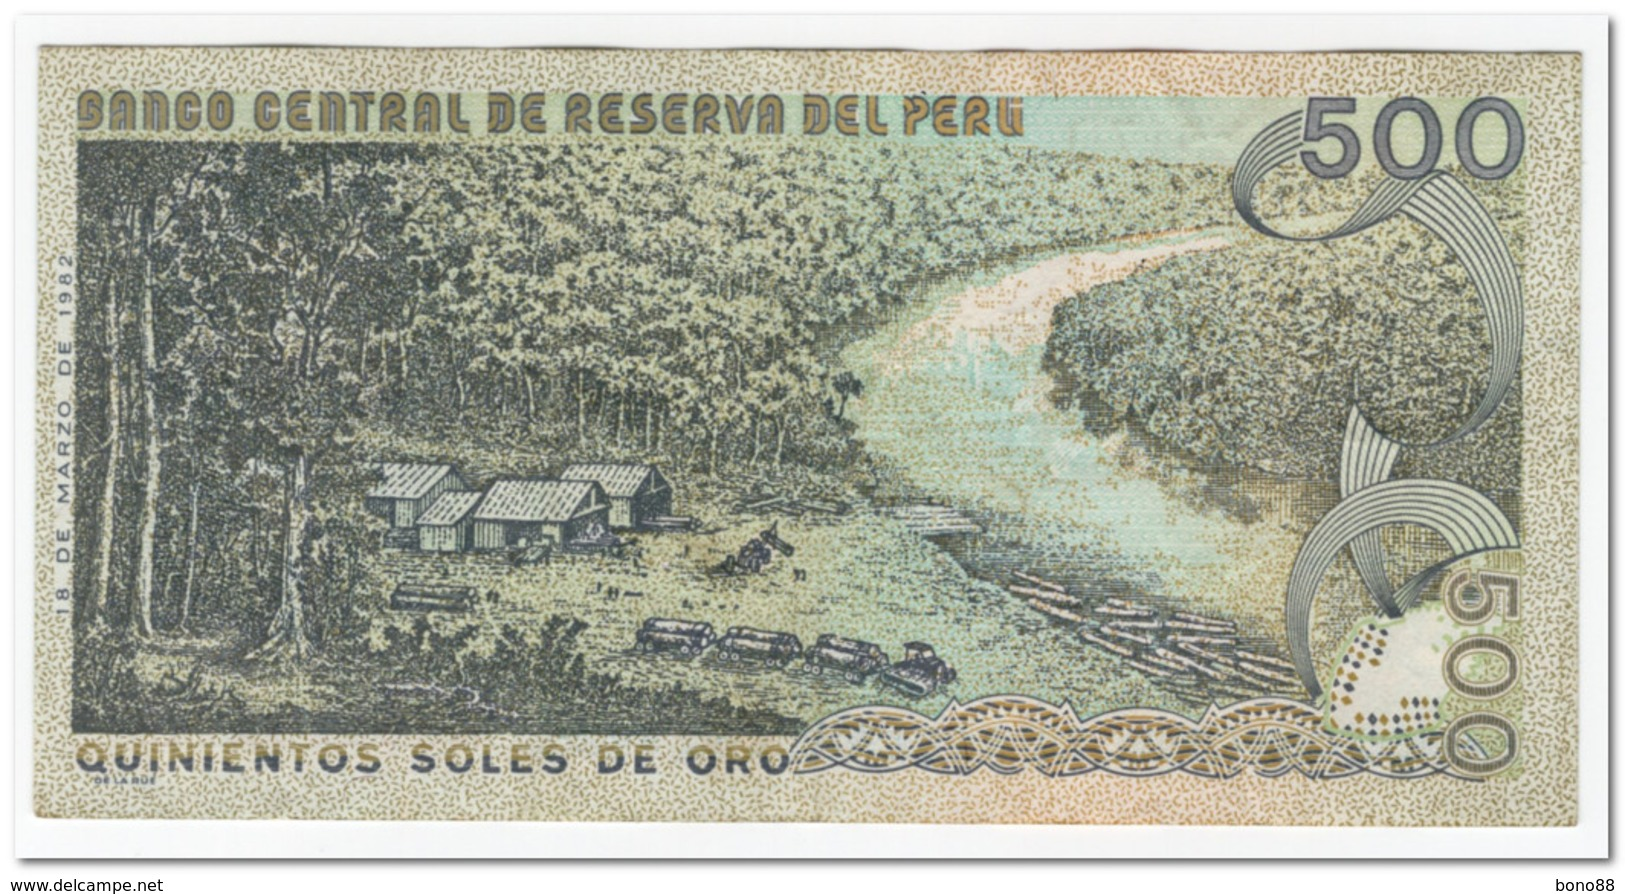 PERU,500 SOLES DE ORO,1982,P.125A,XF,FEW PINHOLES - Peru